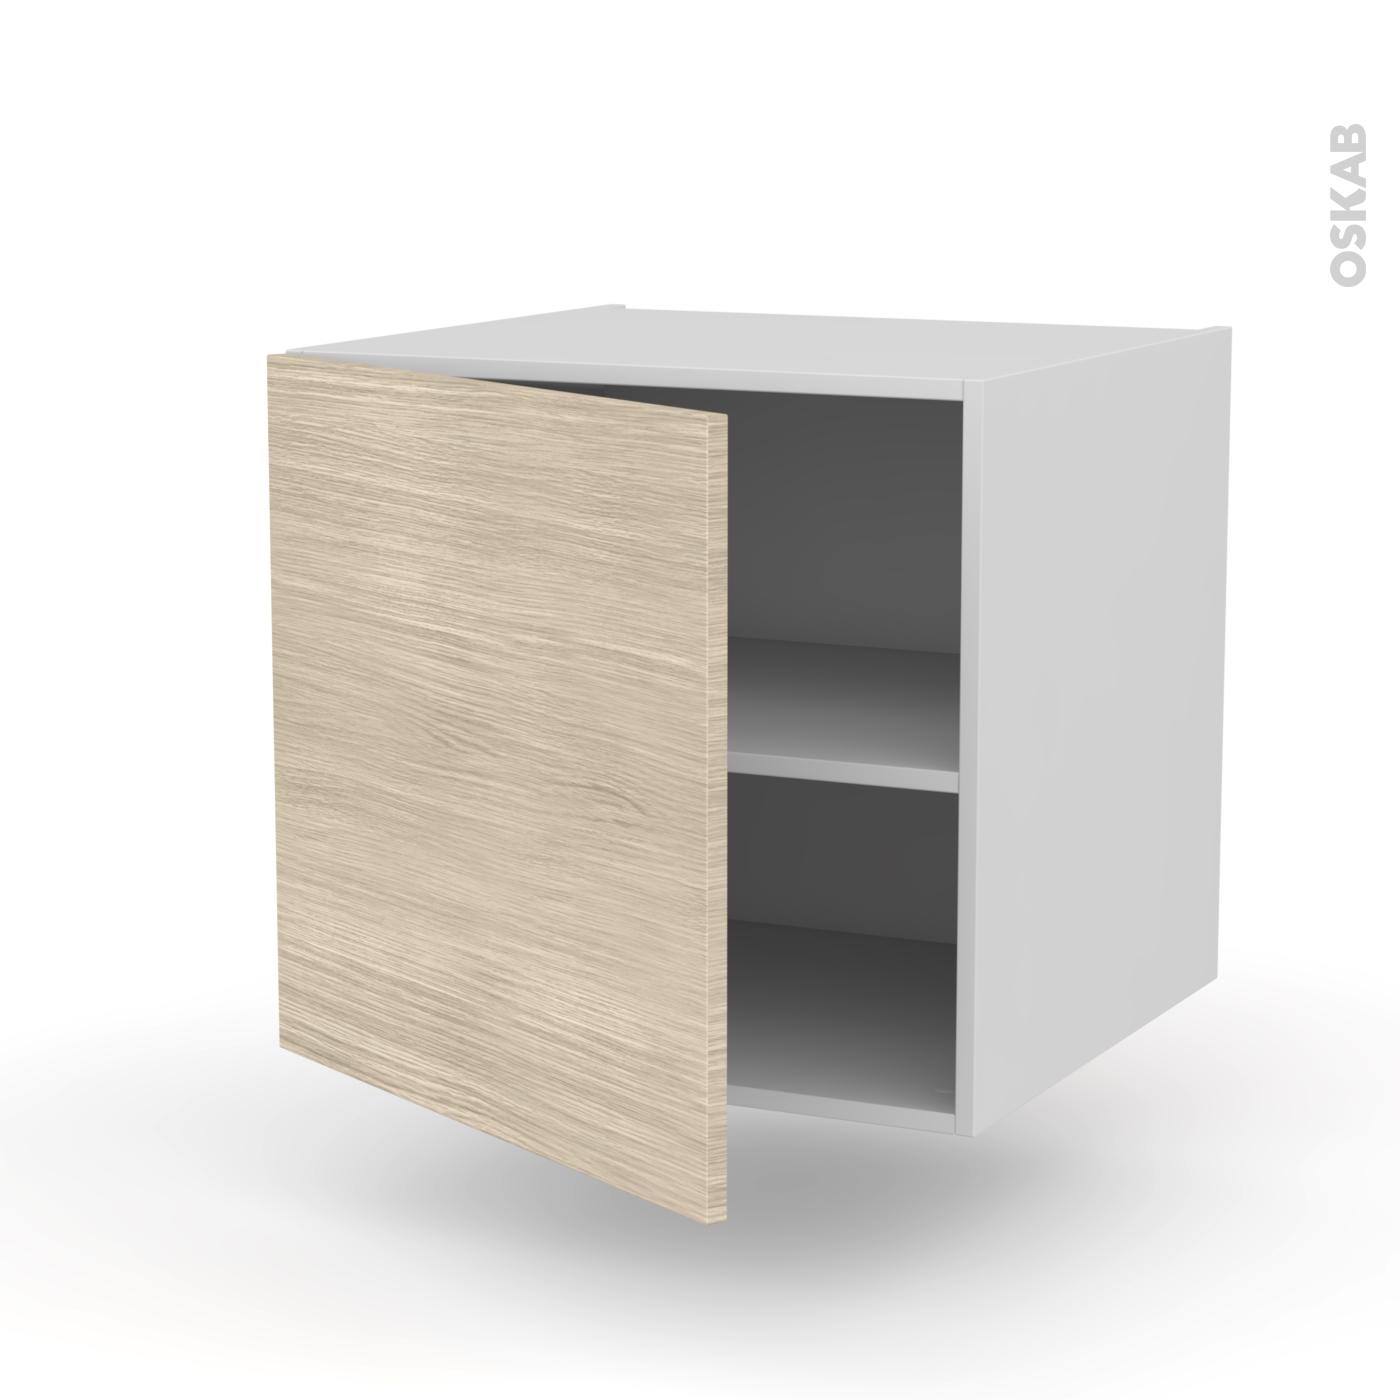 Meuble cuisine suspendu meuble cuisine suspendu plafond for Meuble achat en ligne